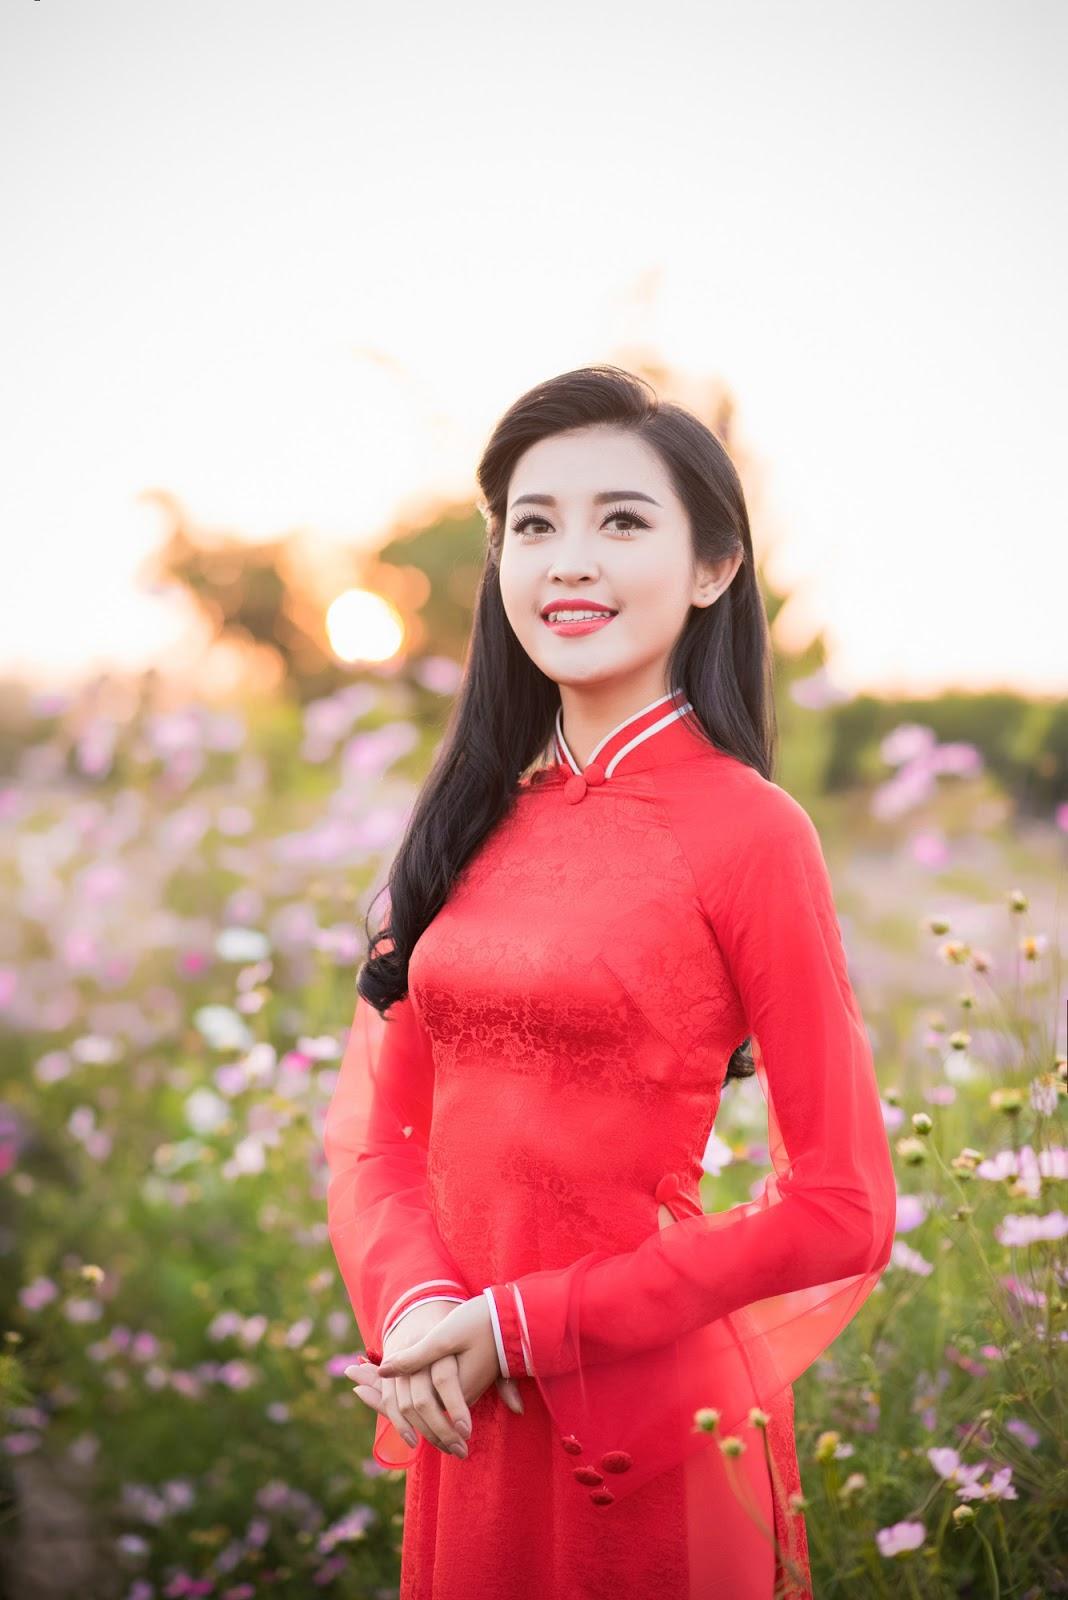 Á hậu Huyền My xinh đẹp rạng rỡ giữa hoa cỏ mùa Xuân